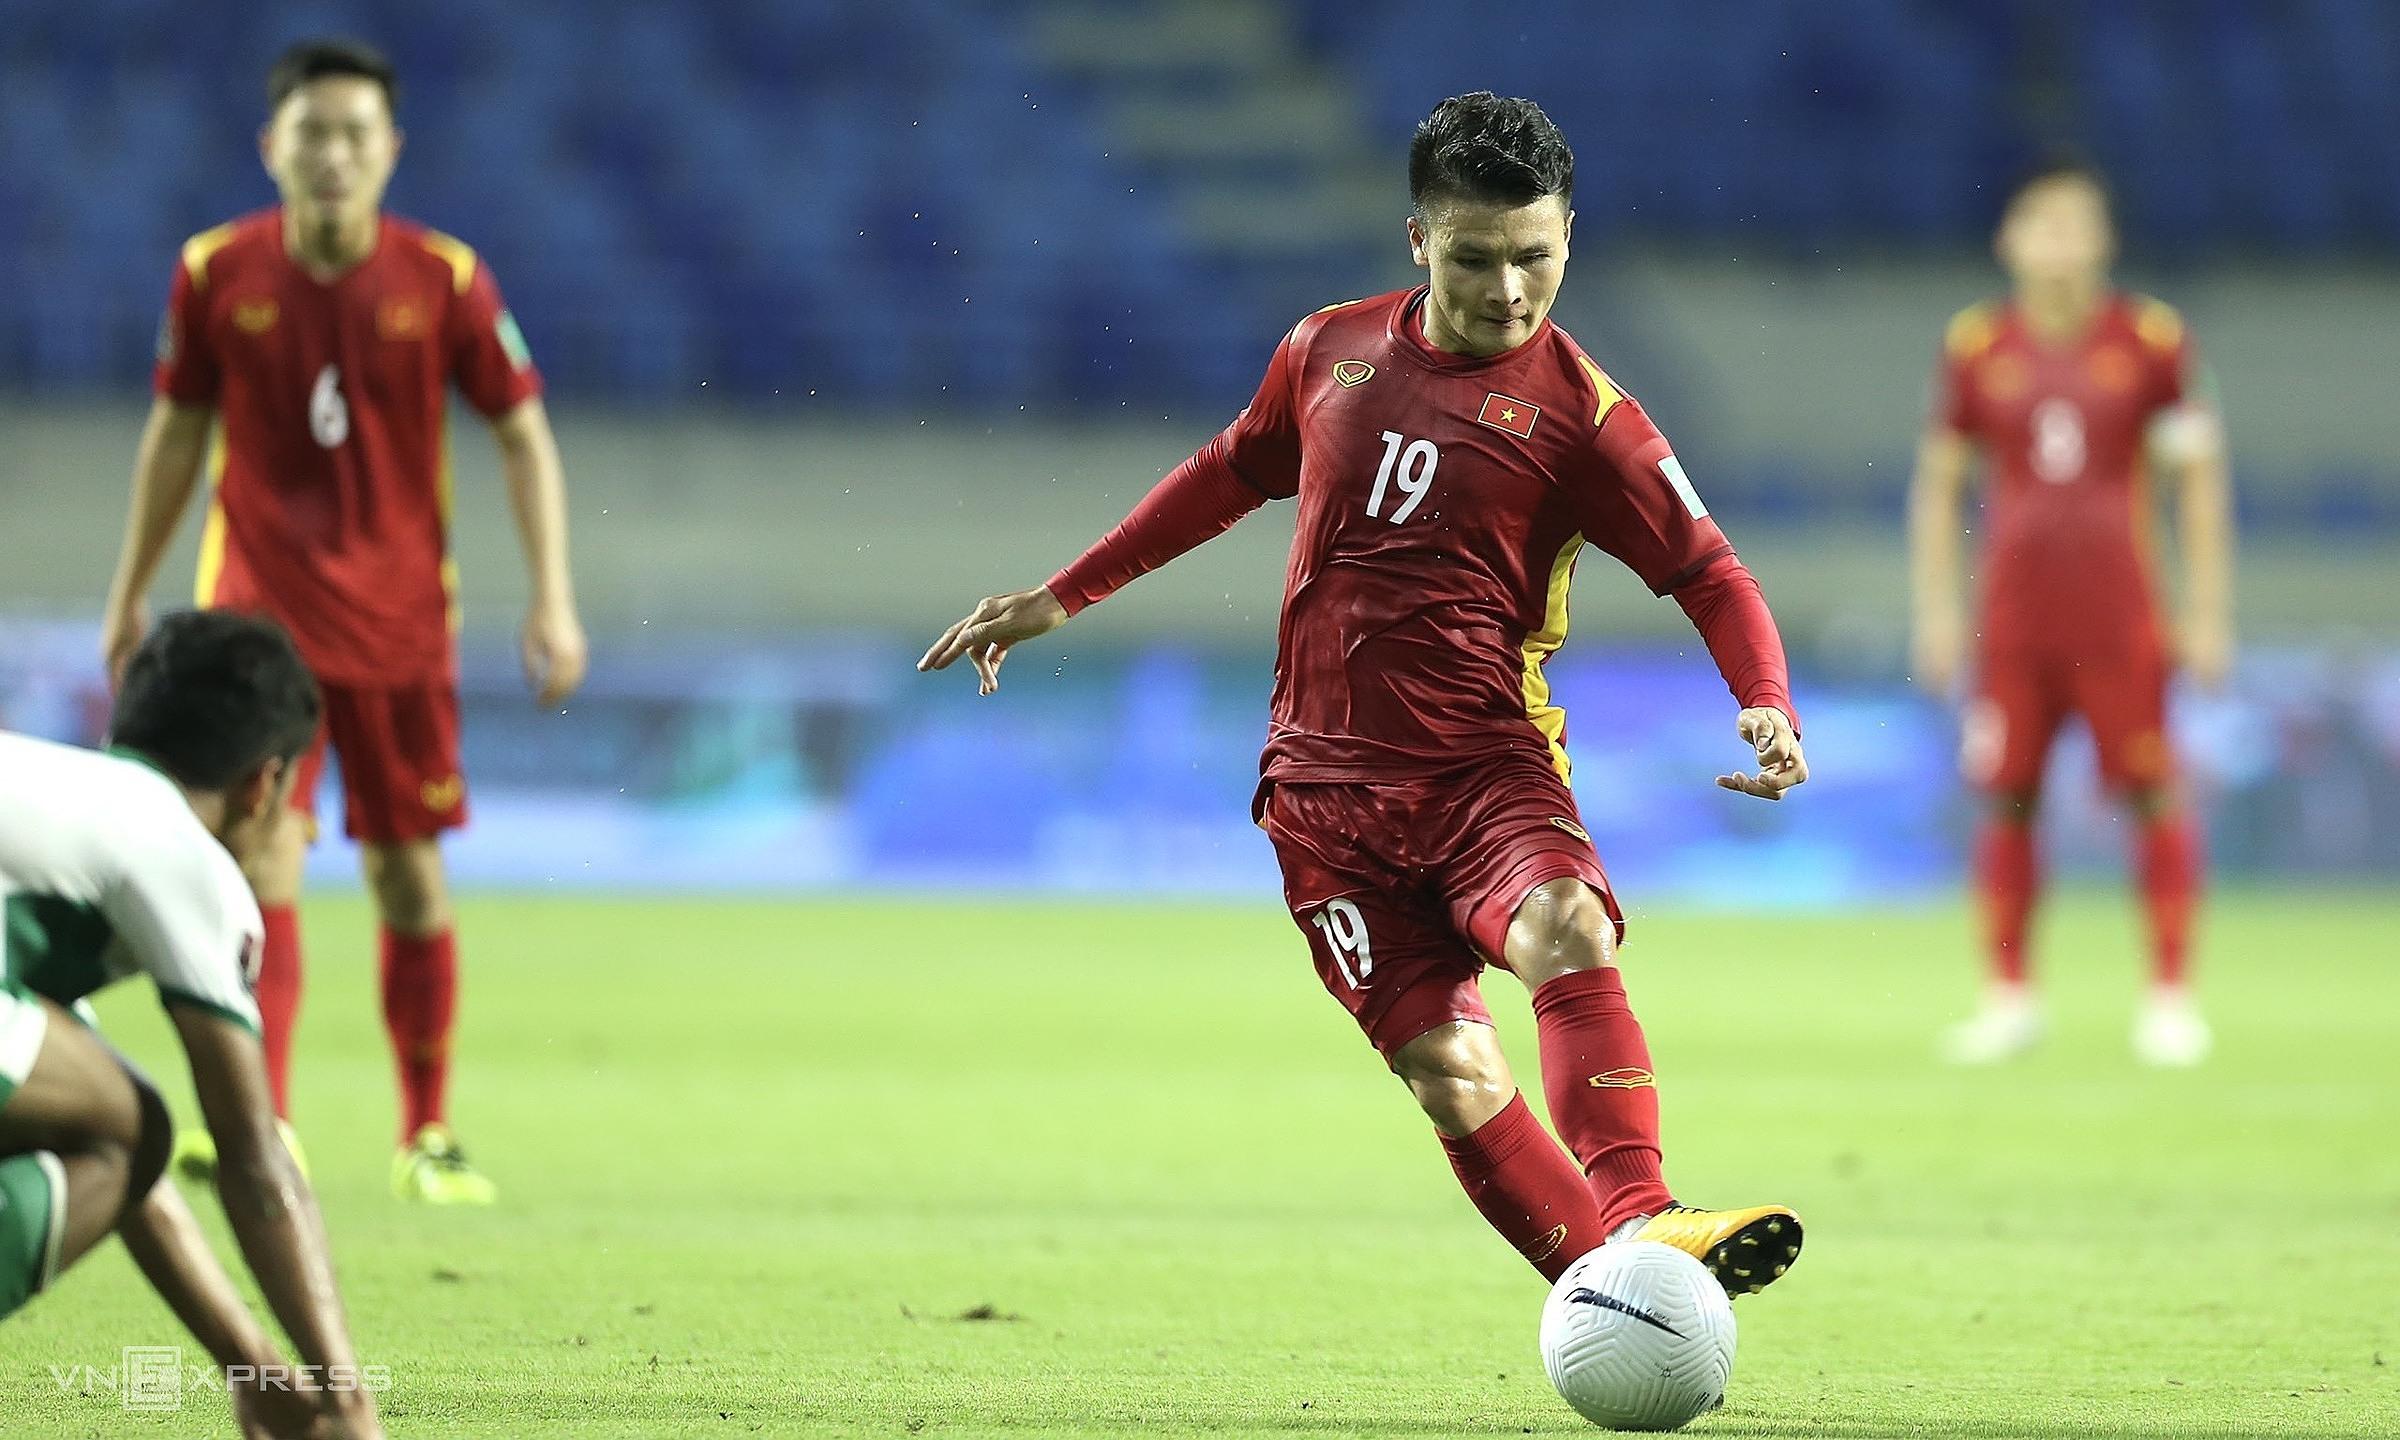 Chiến thắng 4-0 hôm 7/6 cho thấy Việt Nam đang ở một đẳng cấp hoàn toàn vượt trội trước Indonesia nói riêng và bóng đá Đông Nam Á nói chung. Ảnh: Lâm Thoả